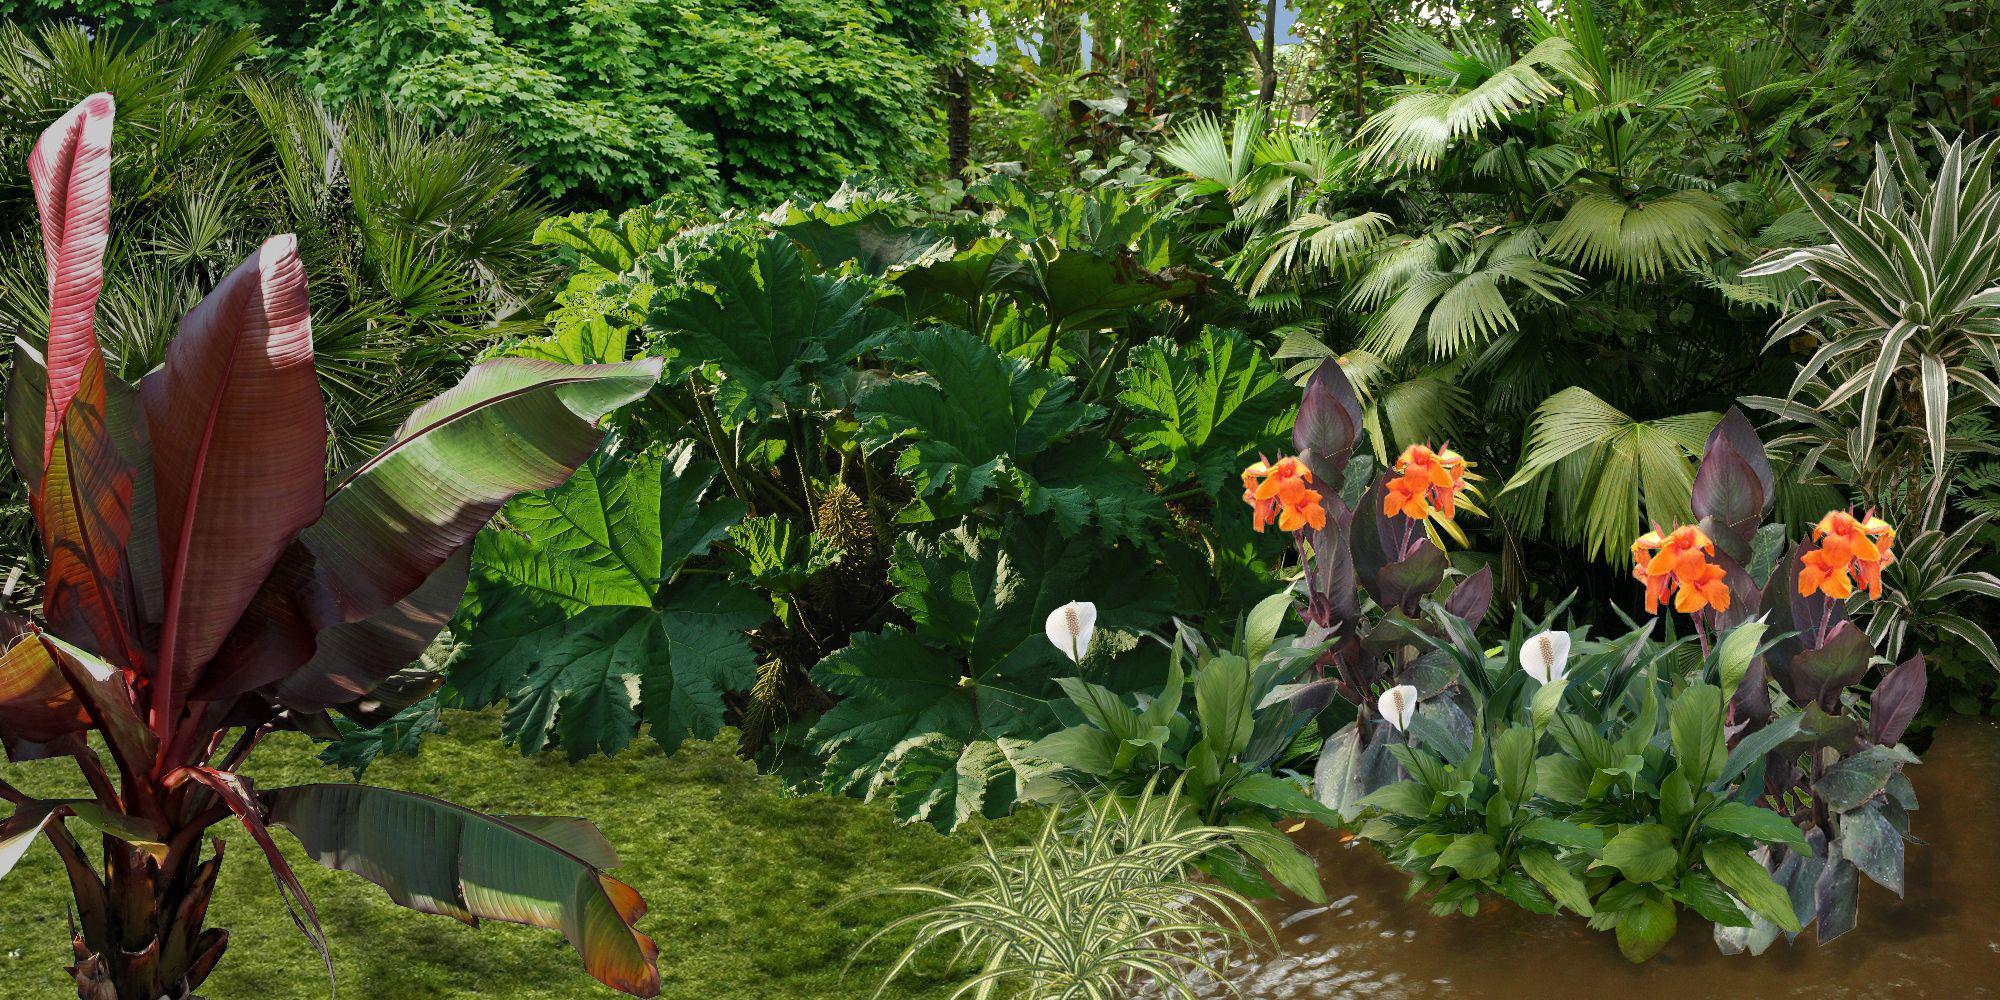 créer un jardin exotique: plan de jardin exotique